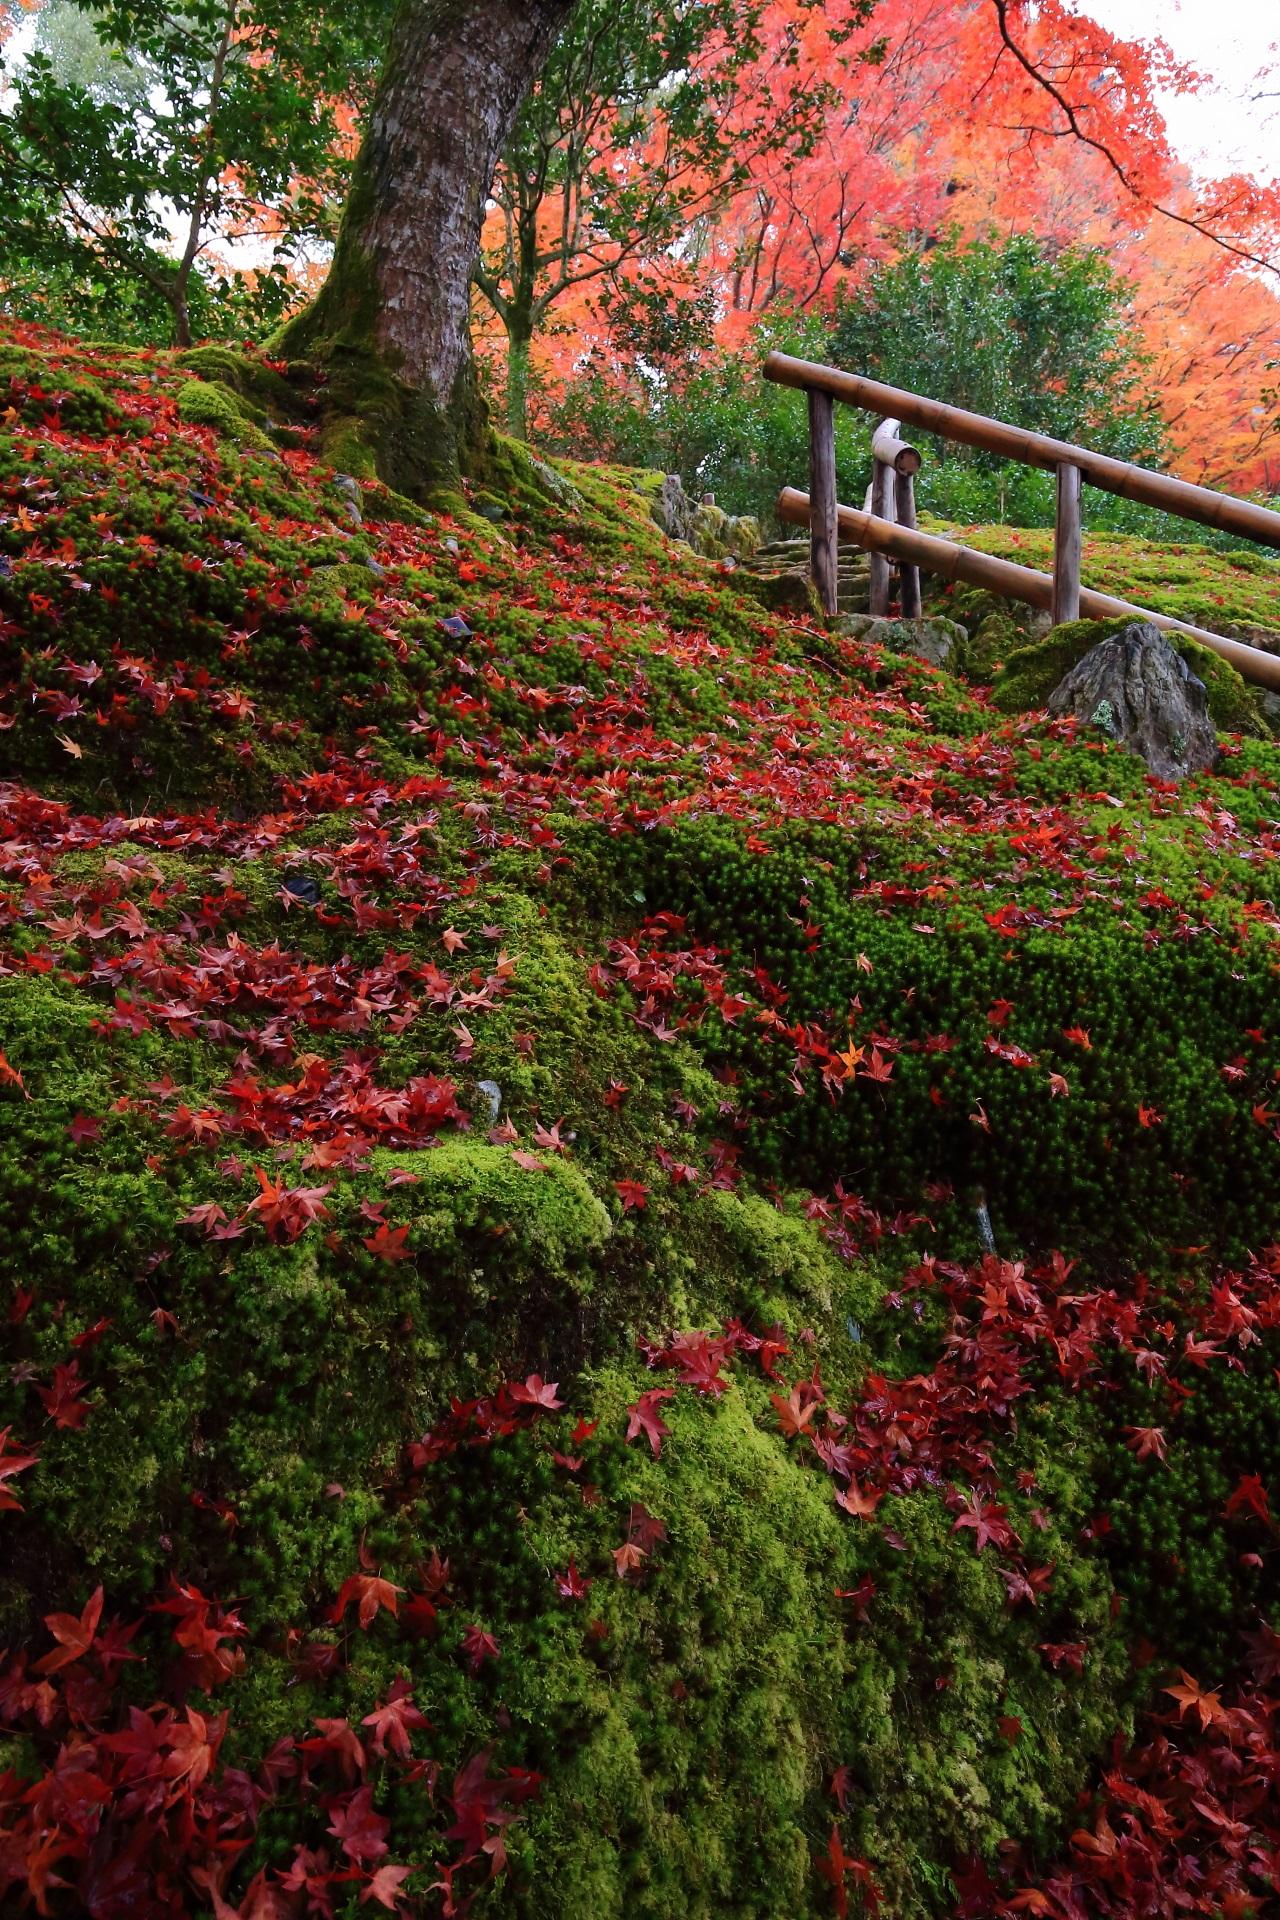 傾斜地一面に育つ苔を彩る見事な散り紅葉